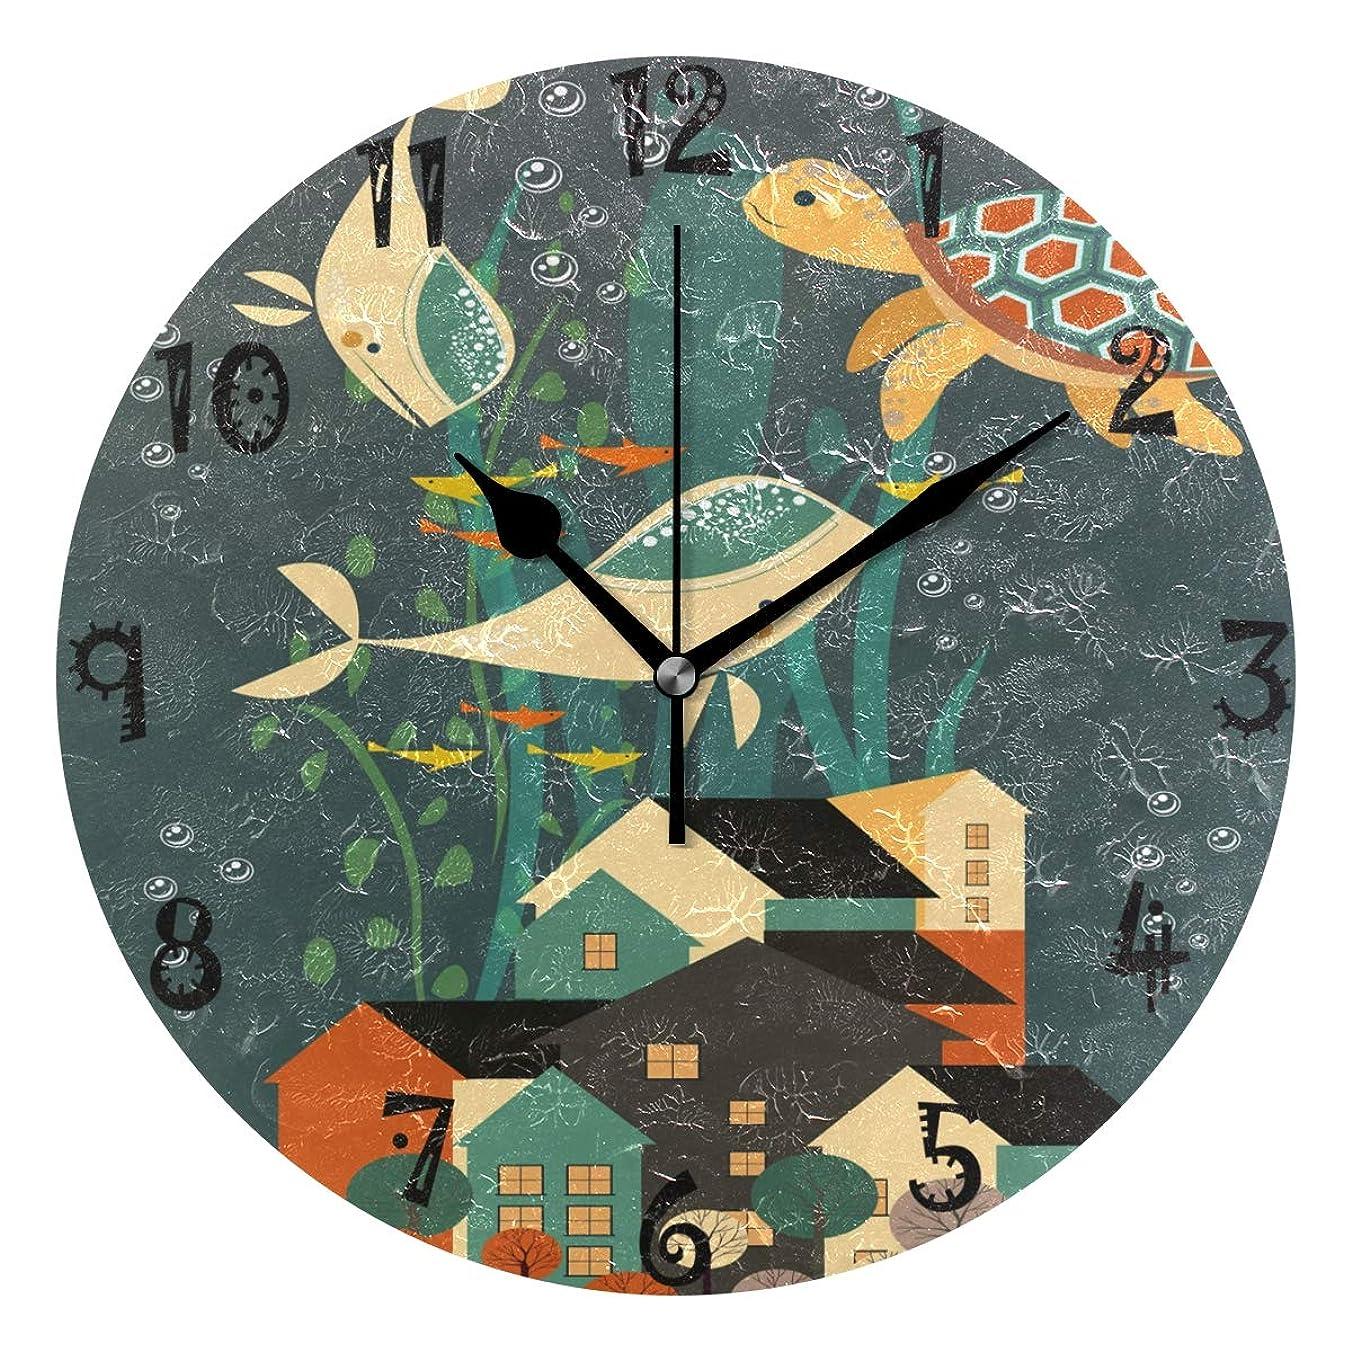 迷路公然と誰かアートアニマルサメタートルラウンド ウォール クロック 円形 時計プレート サイレント ノンティック クロック キッチン ホーム デコレーション用